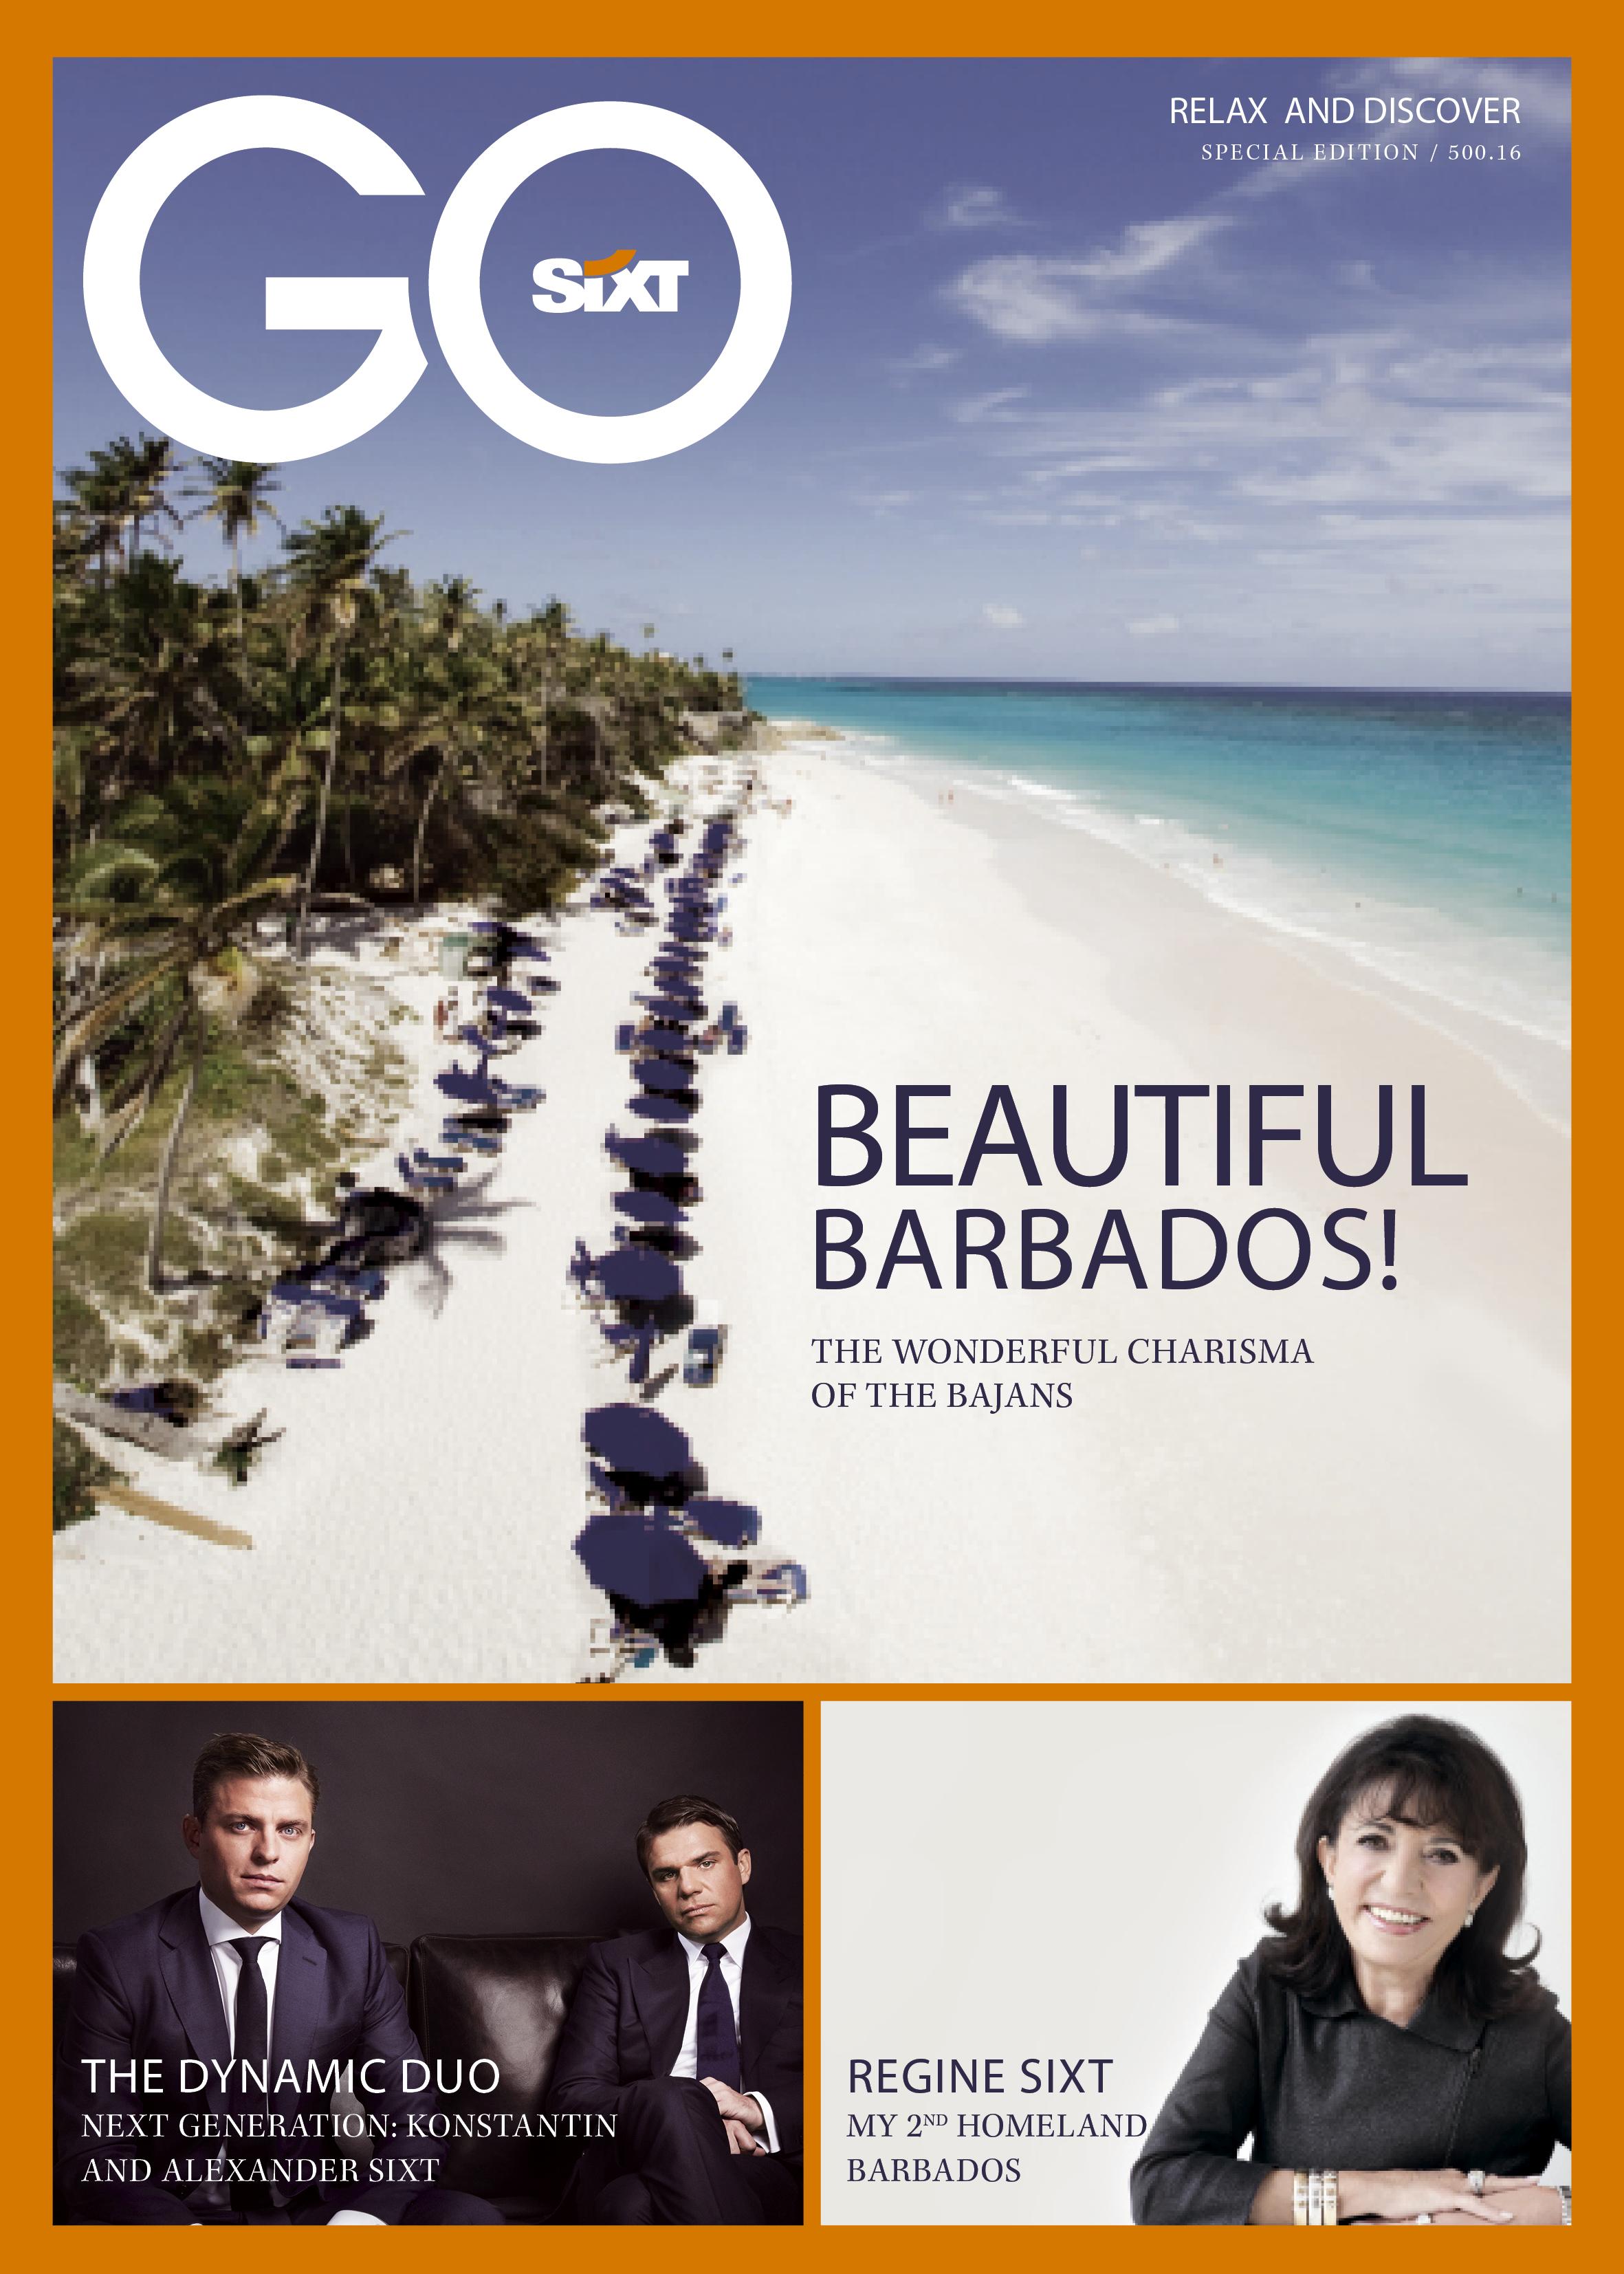 GoSixt Special Edition Barbados 2016